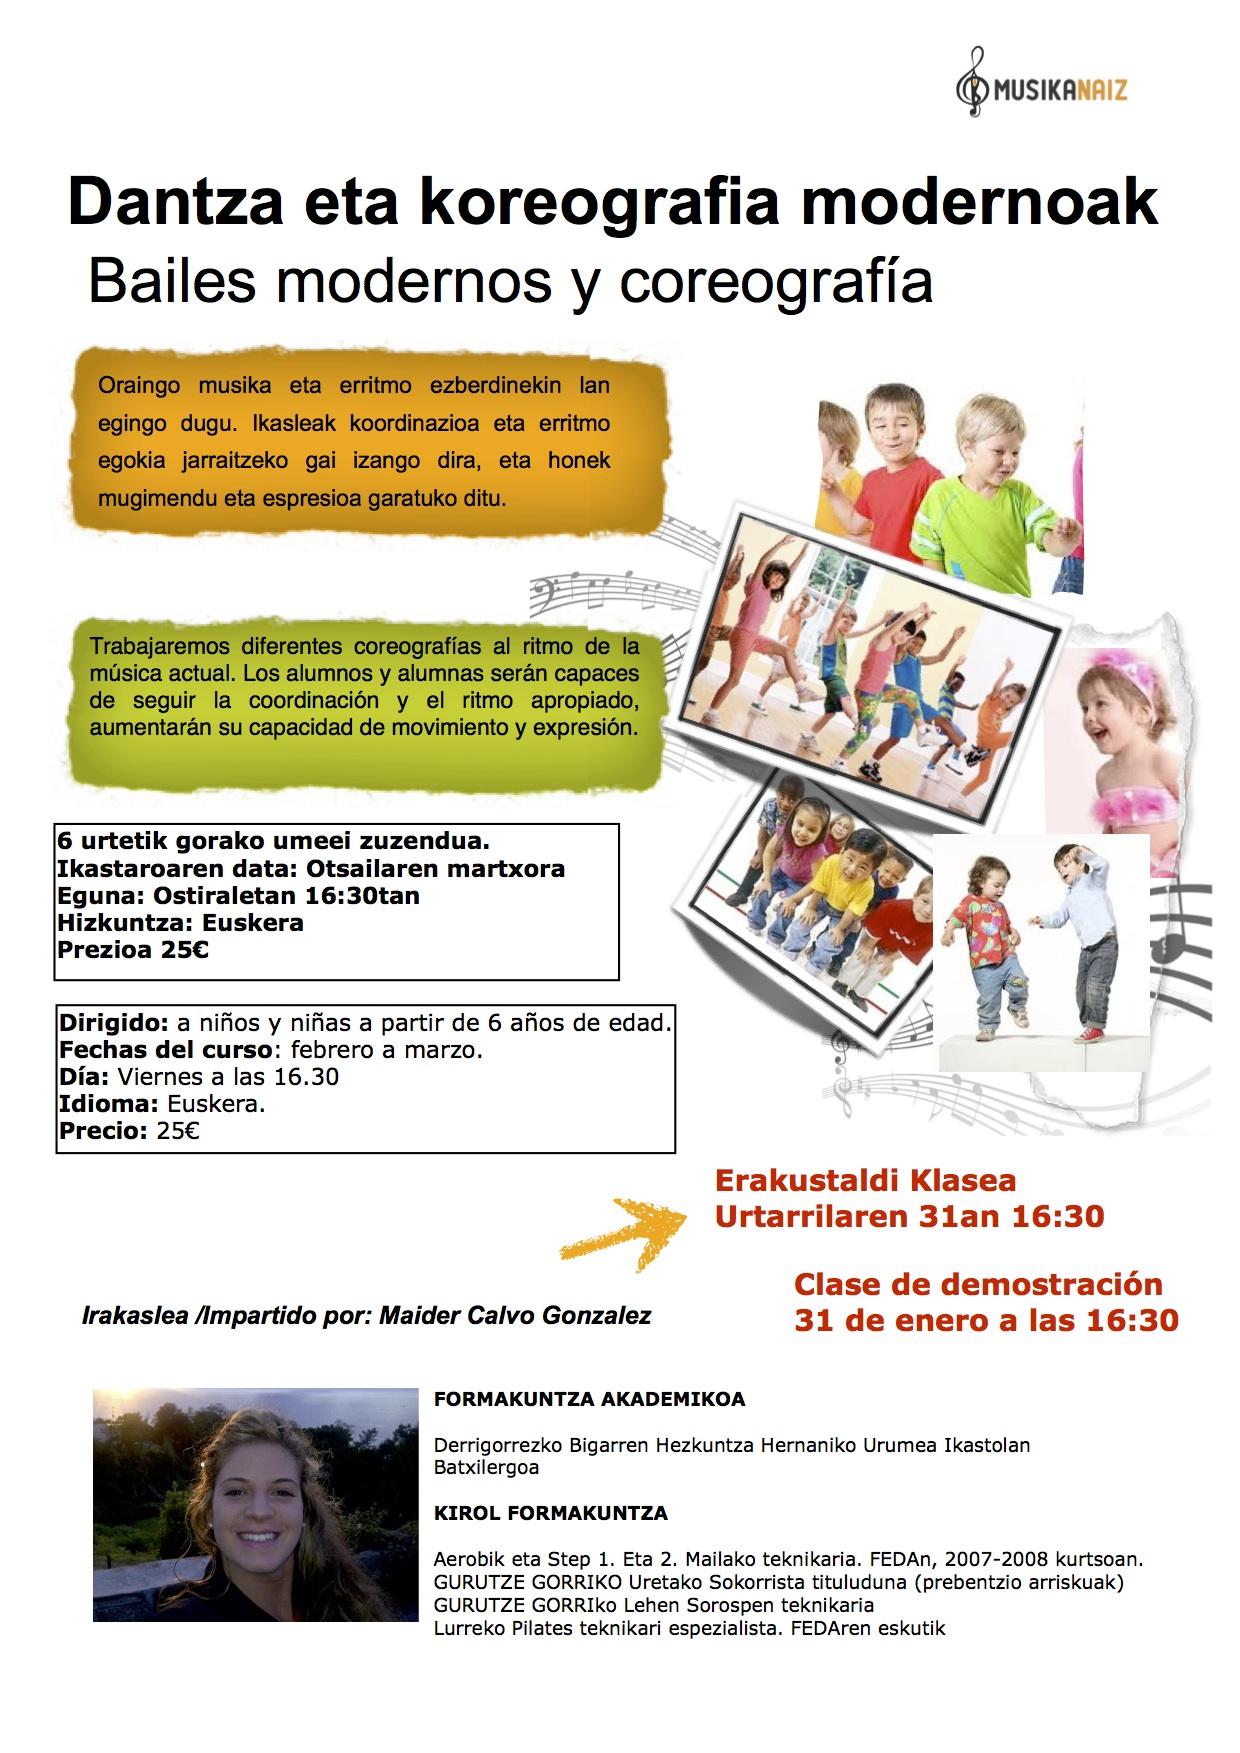 Extraescolares bailes modernos